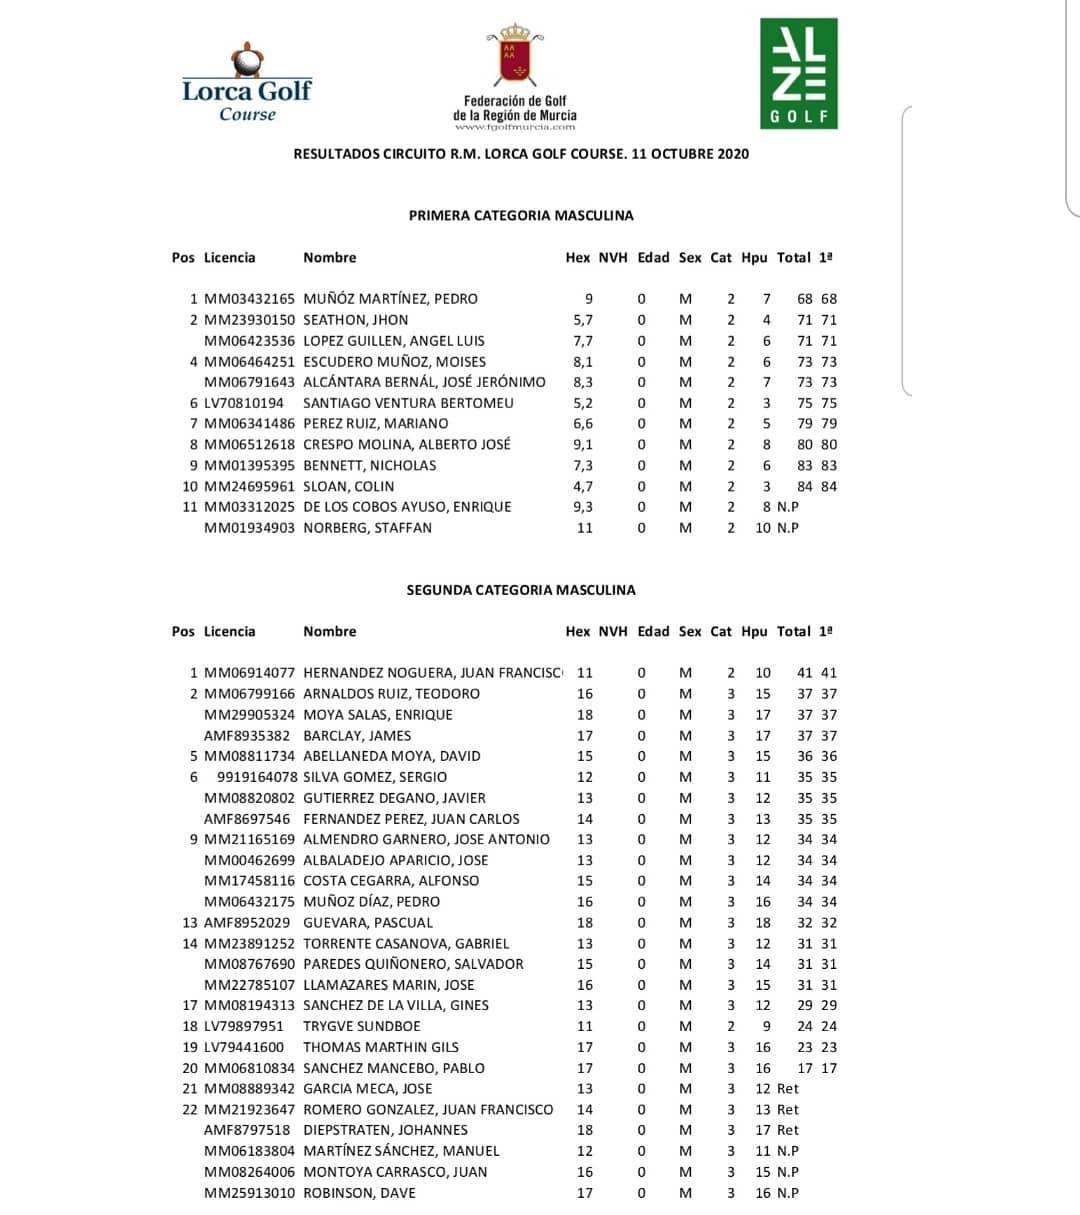 201011 LOR, Clasificación del torneo (2)